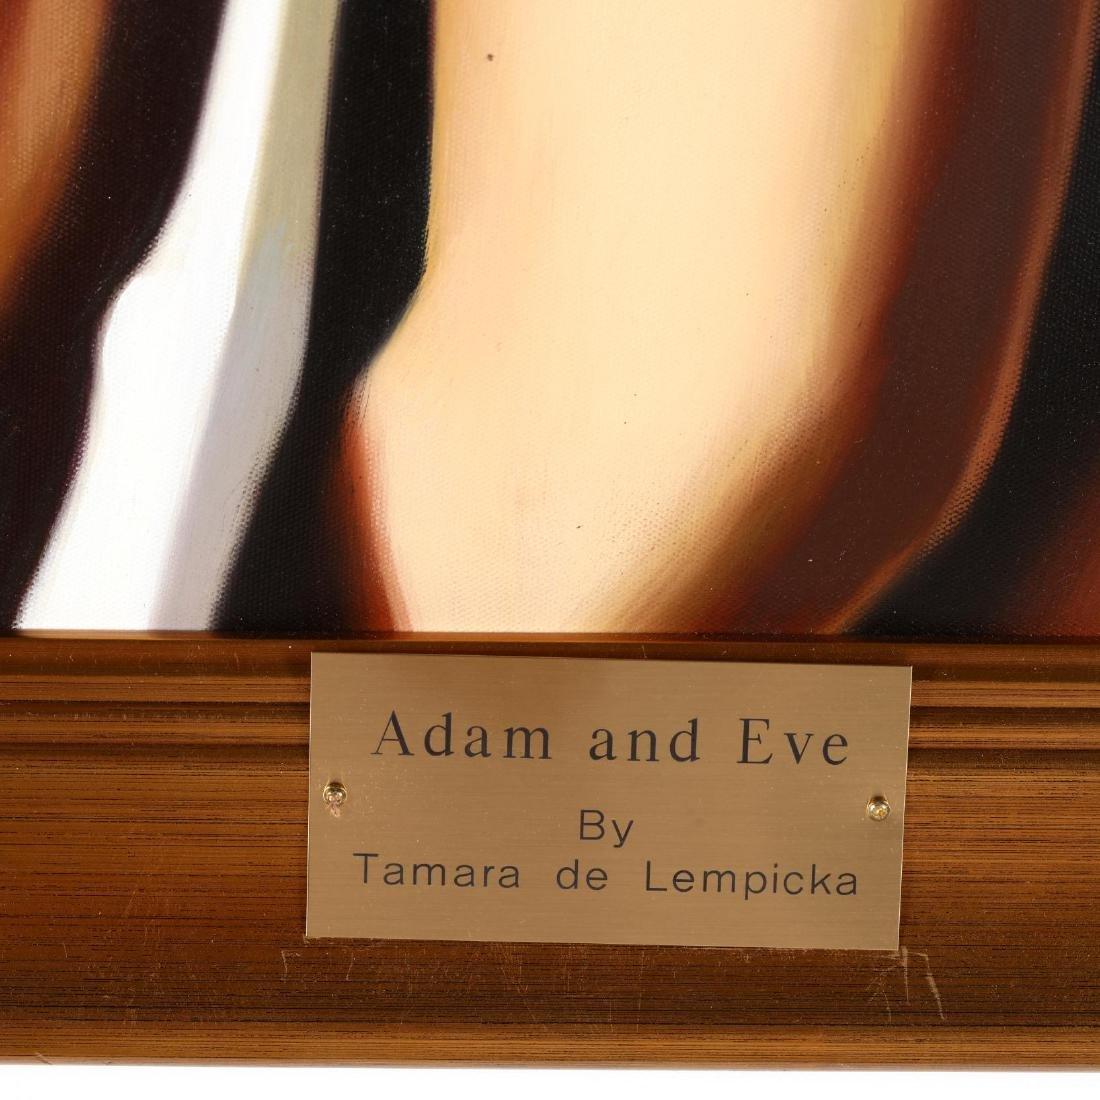 after Tamara de Lempicka,  Adam and Eve - 2